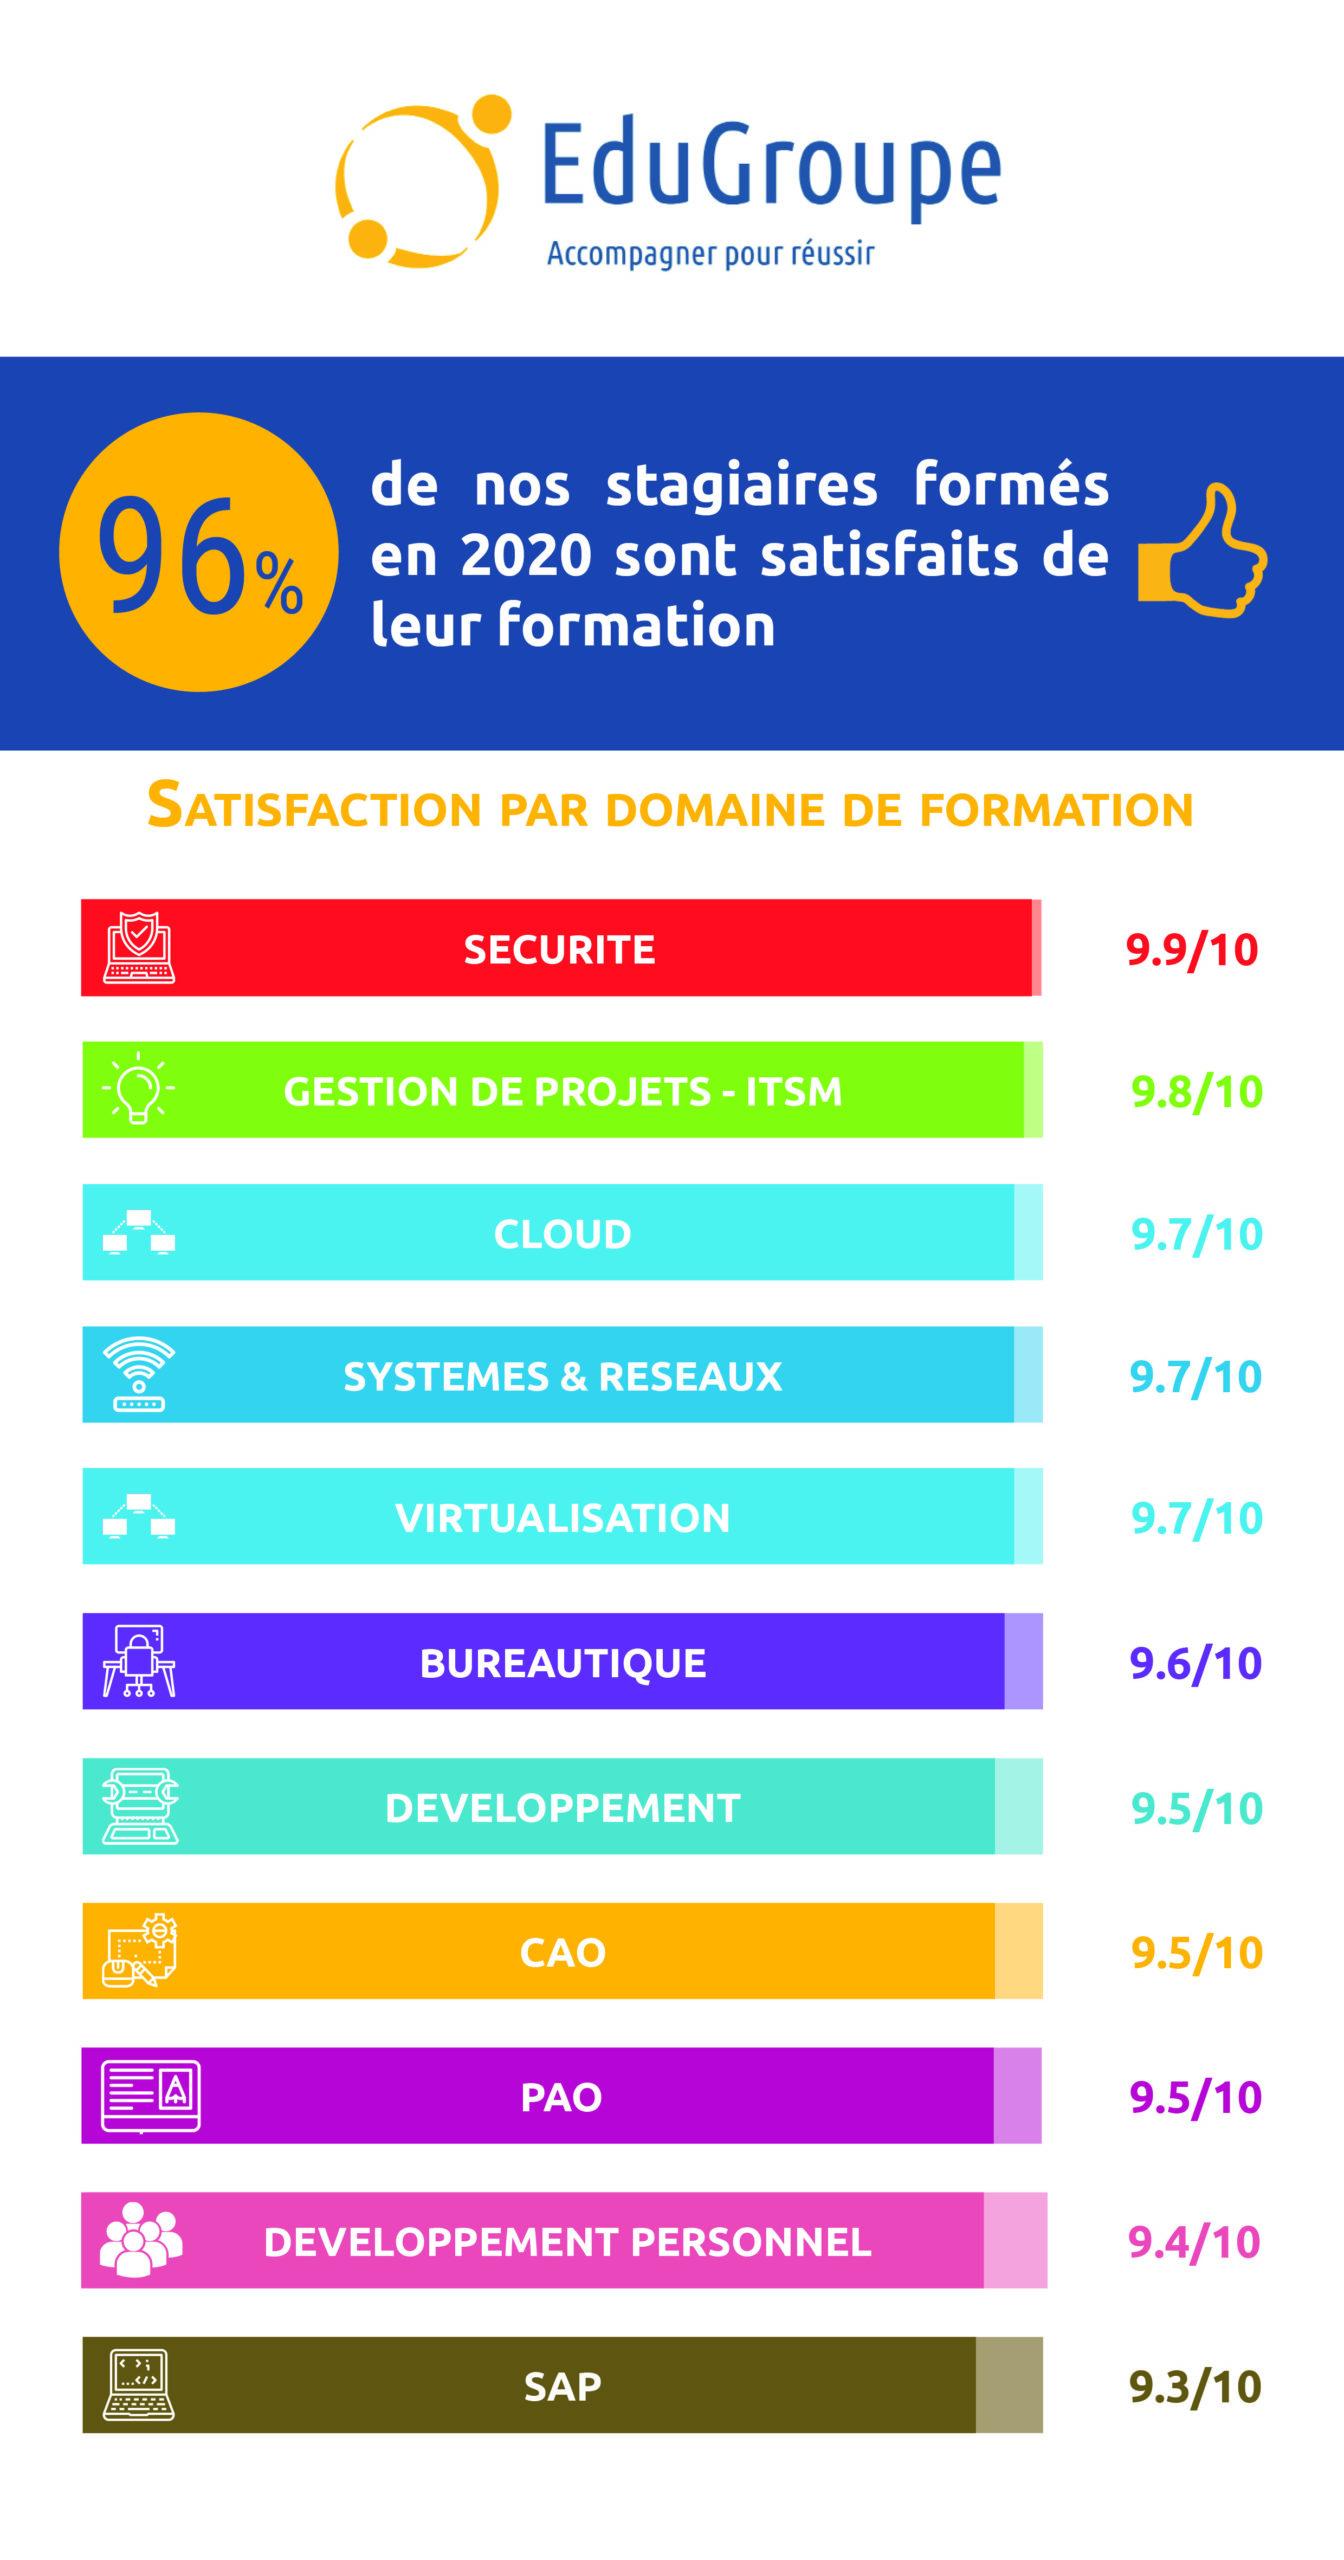 Infographie représentant la satisfaction des nos stagiaires formés en 2020